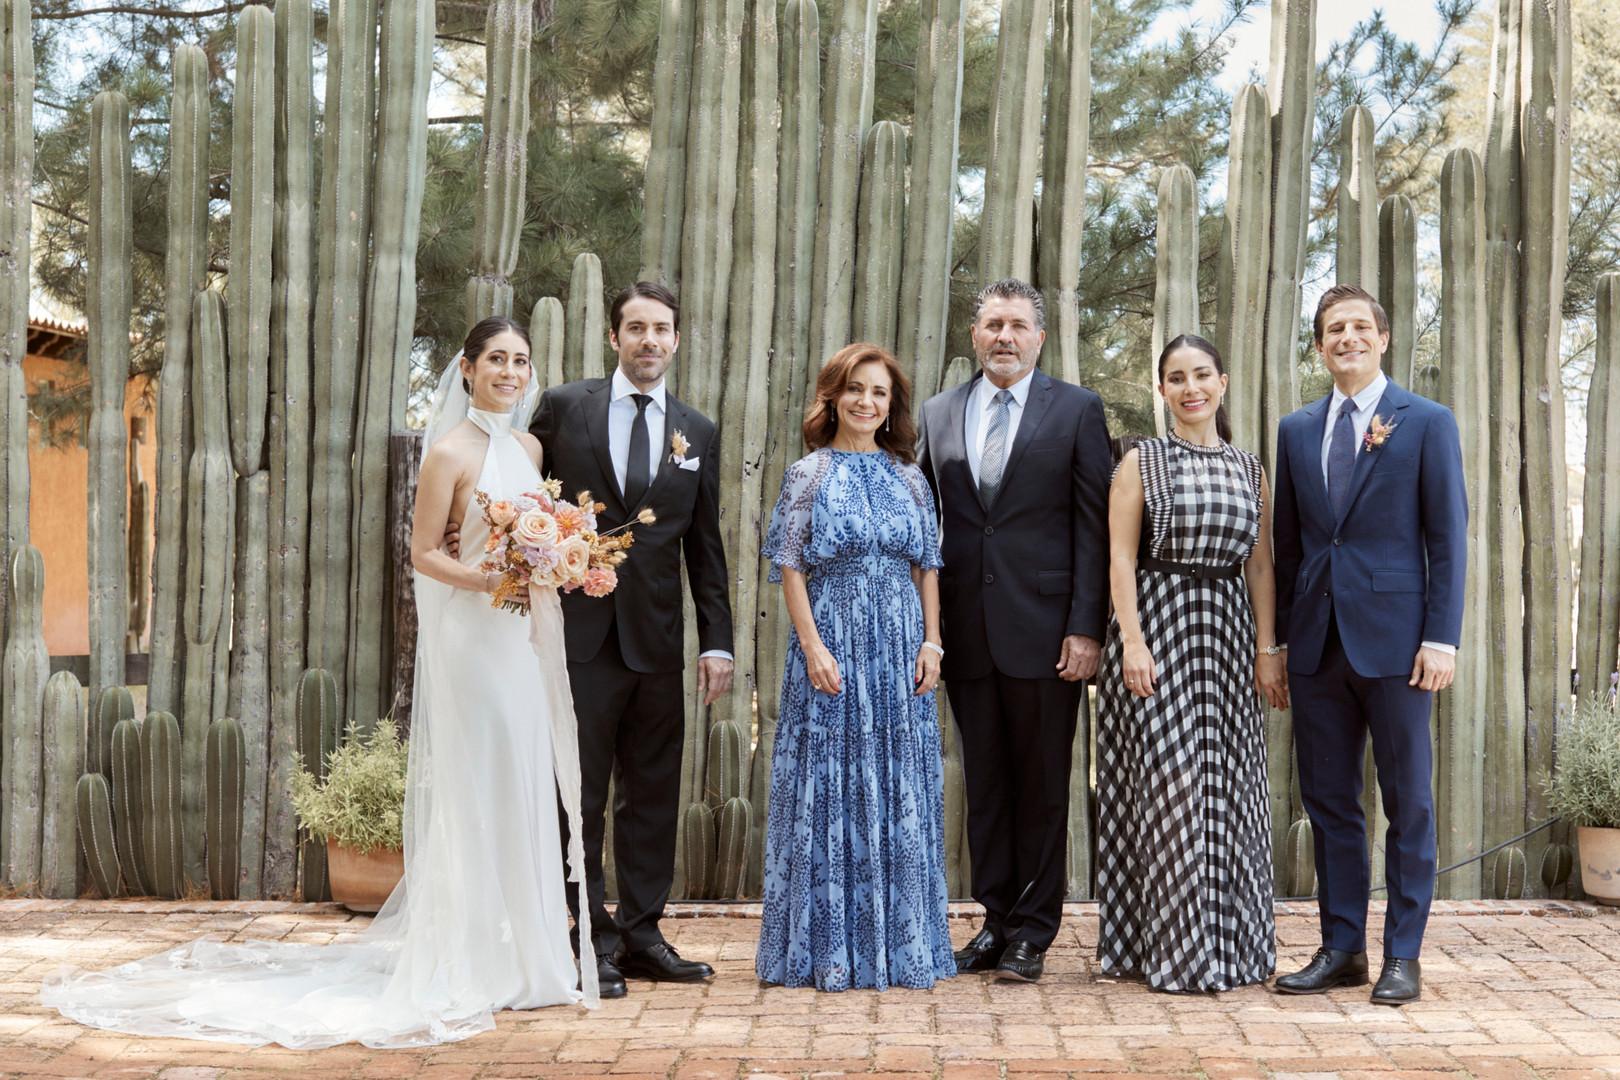 WEDDING_ANDREA_MATT_2019.5DM45002.jpg